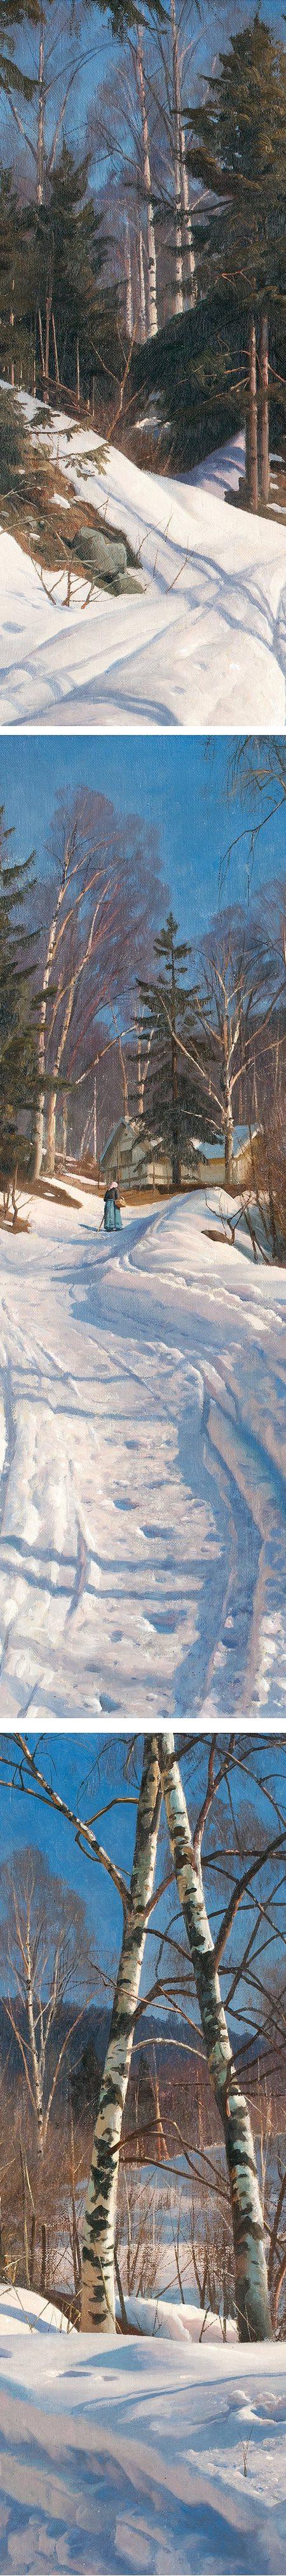 Sunlit Winter Landscape, Peder Mork Monsted (details)